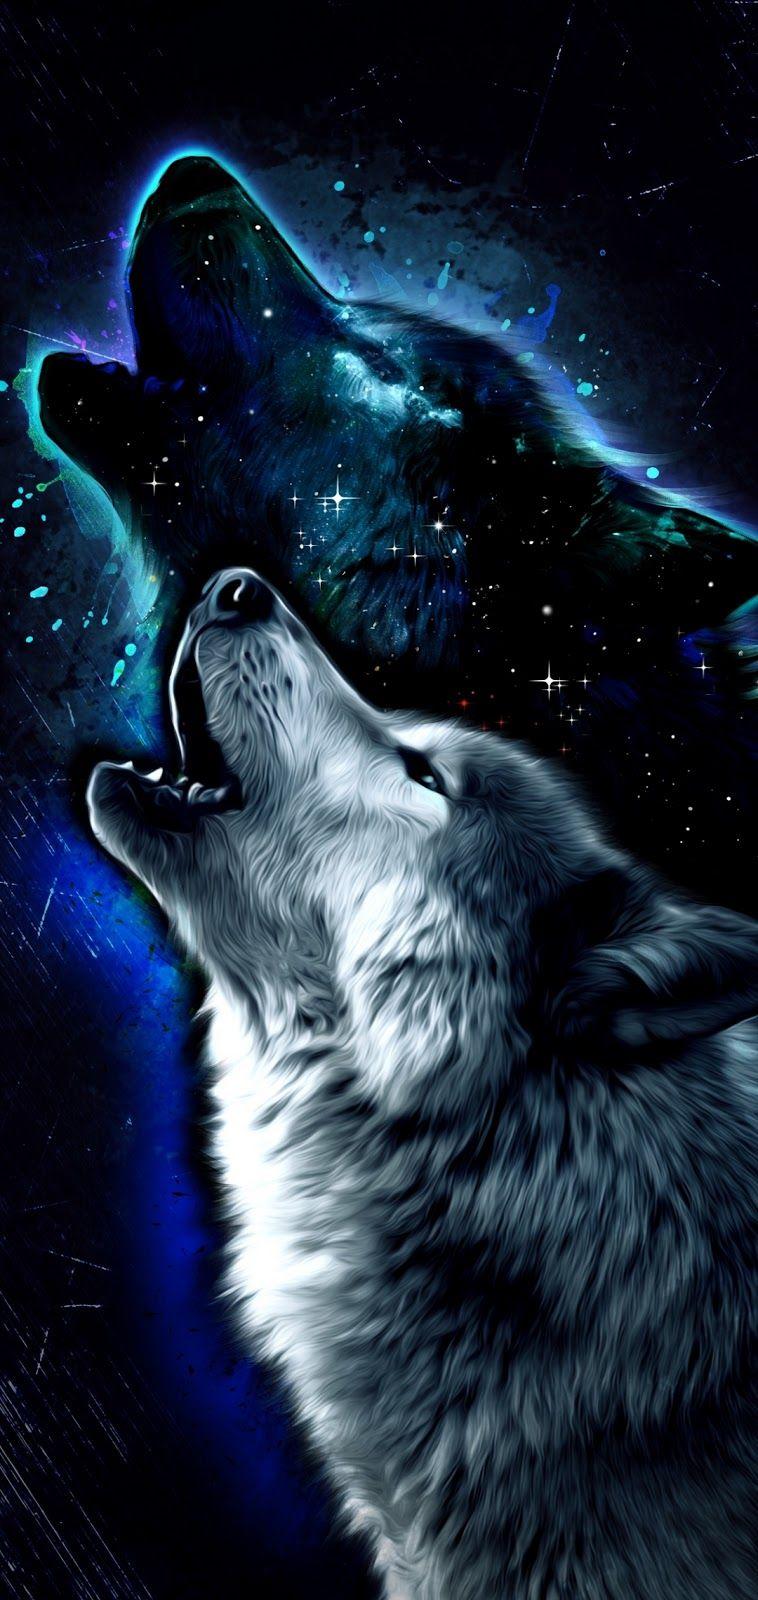 Wallpaper Animal Wolf 1080x2280 Hd Ddwdesign Ddw Design Wolf Spirit Animal Wolf Wallpaper Wolf Painting